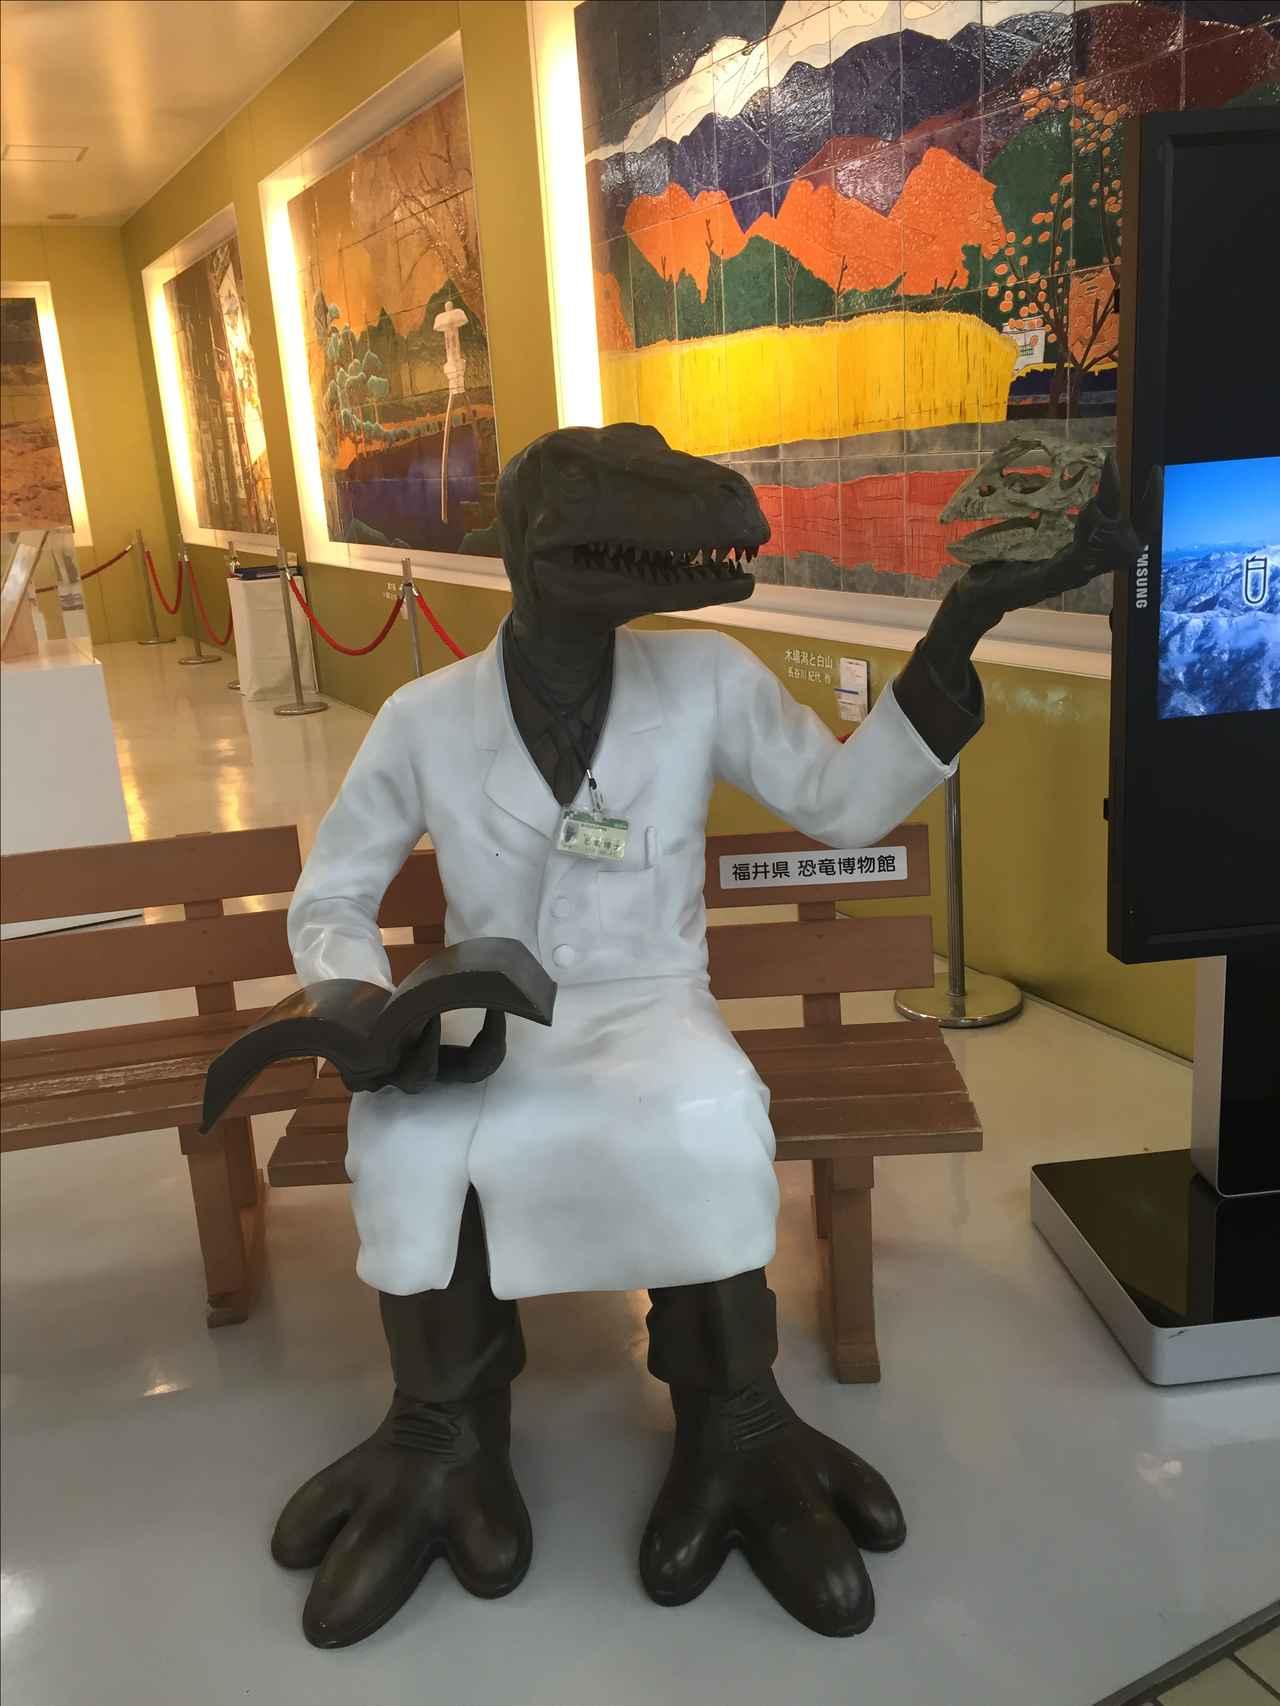 画像: 恐竜博士にもついているのでしょうか。考えるのはやめておきましょう。はい、